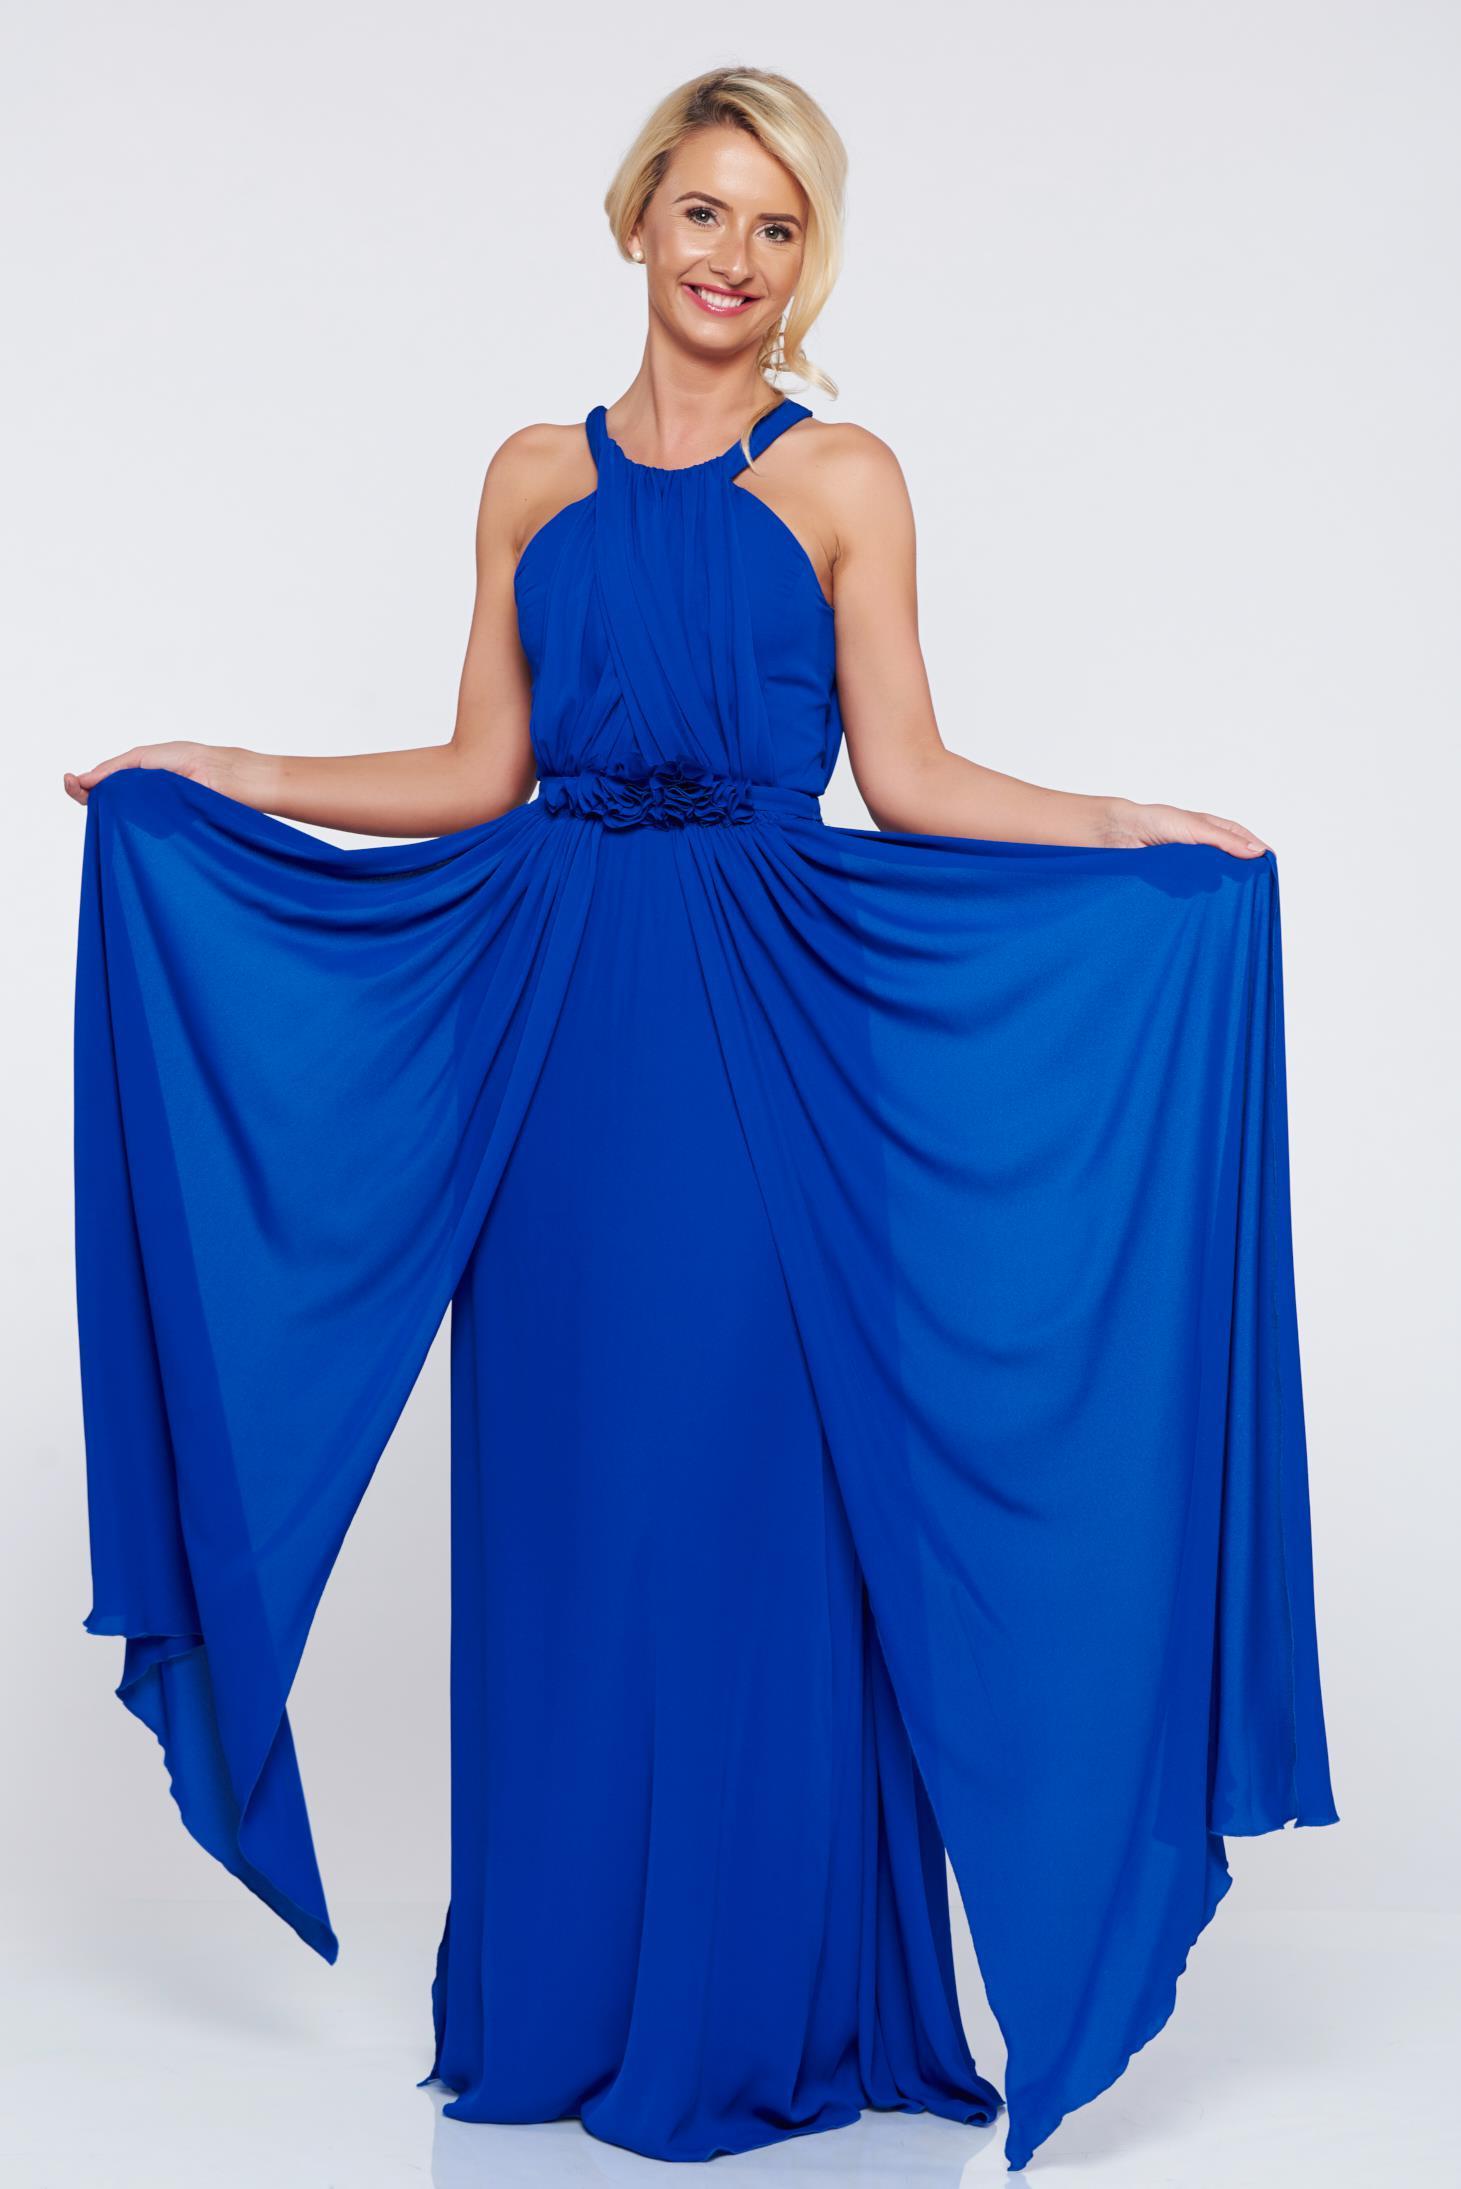 Rochie LaDonna albastra lunga de ocazie fara maneci